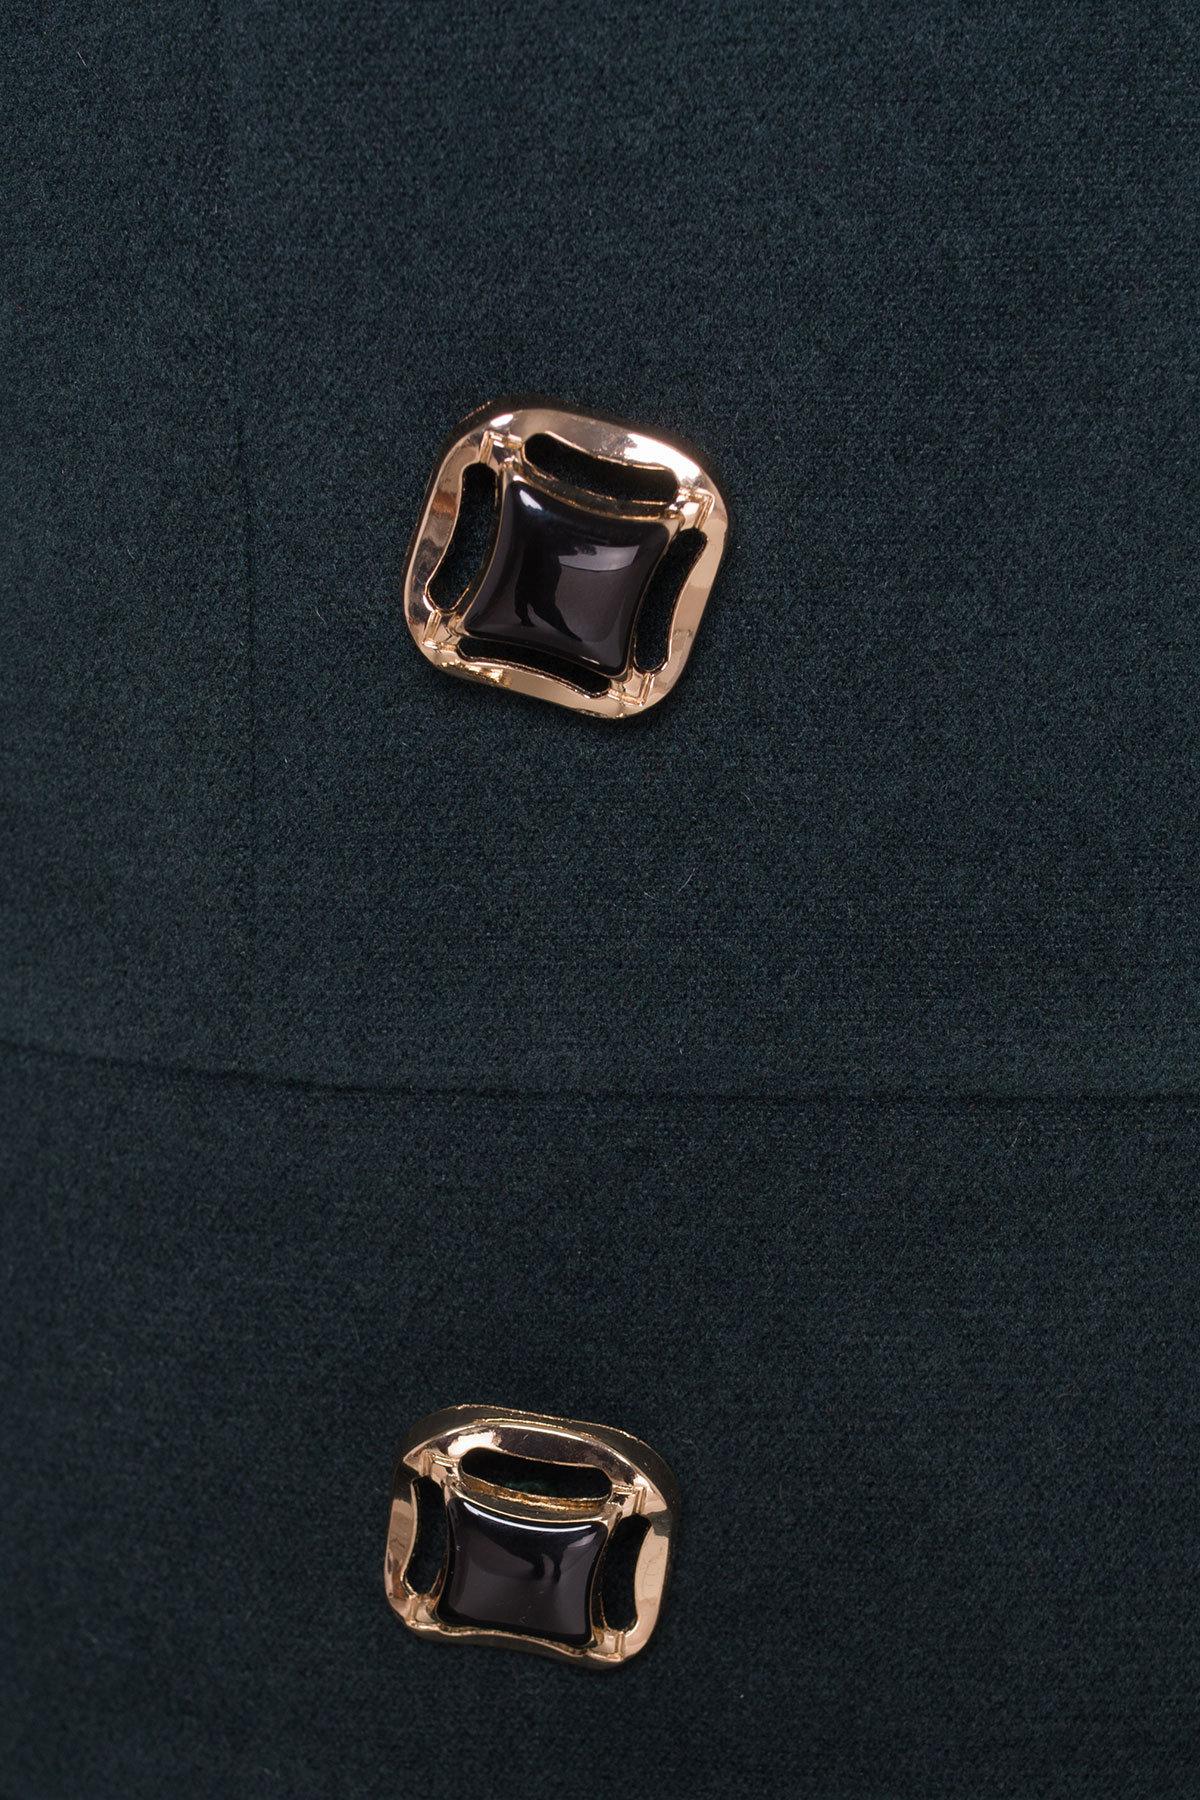 Пальто Кураж 96 Donna зима Цвет: Тёмно-зеленый